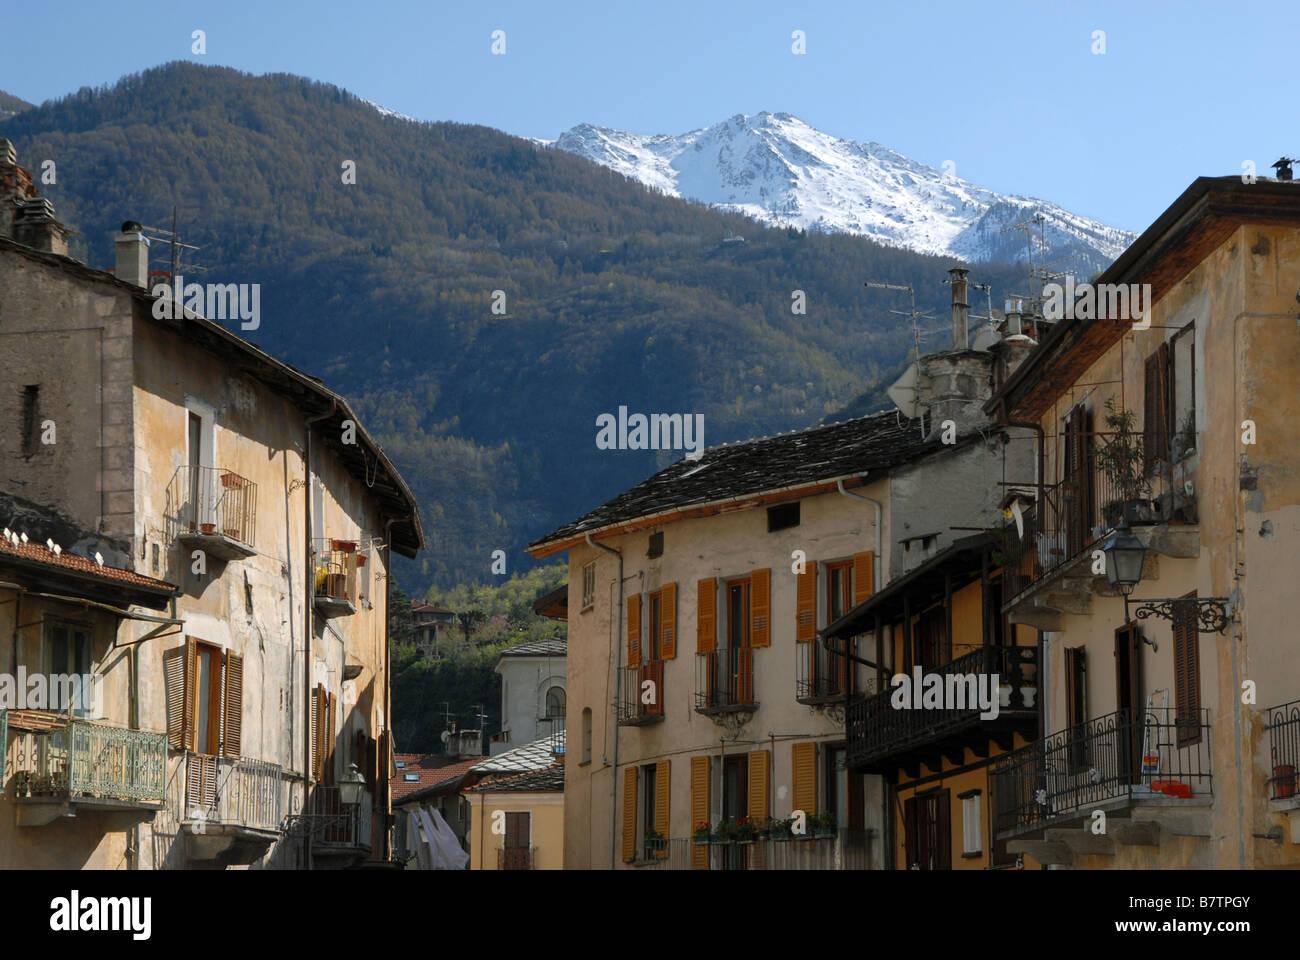 Via Martiri della Liberta as seen from Piazza San Giusto, Susa, Piedmont, Italy. - Stock Image